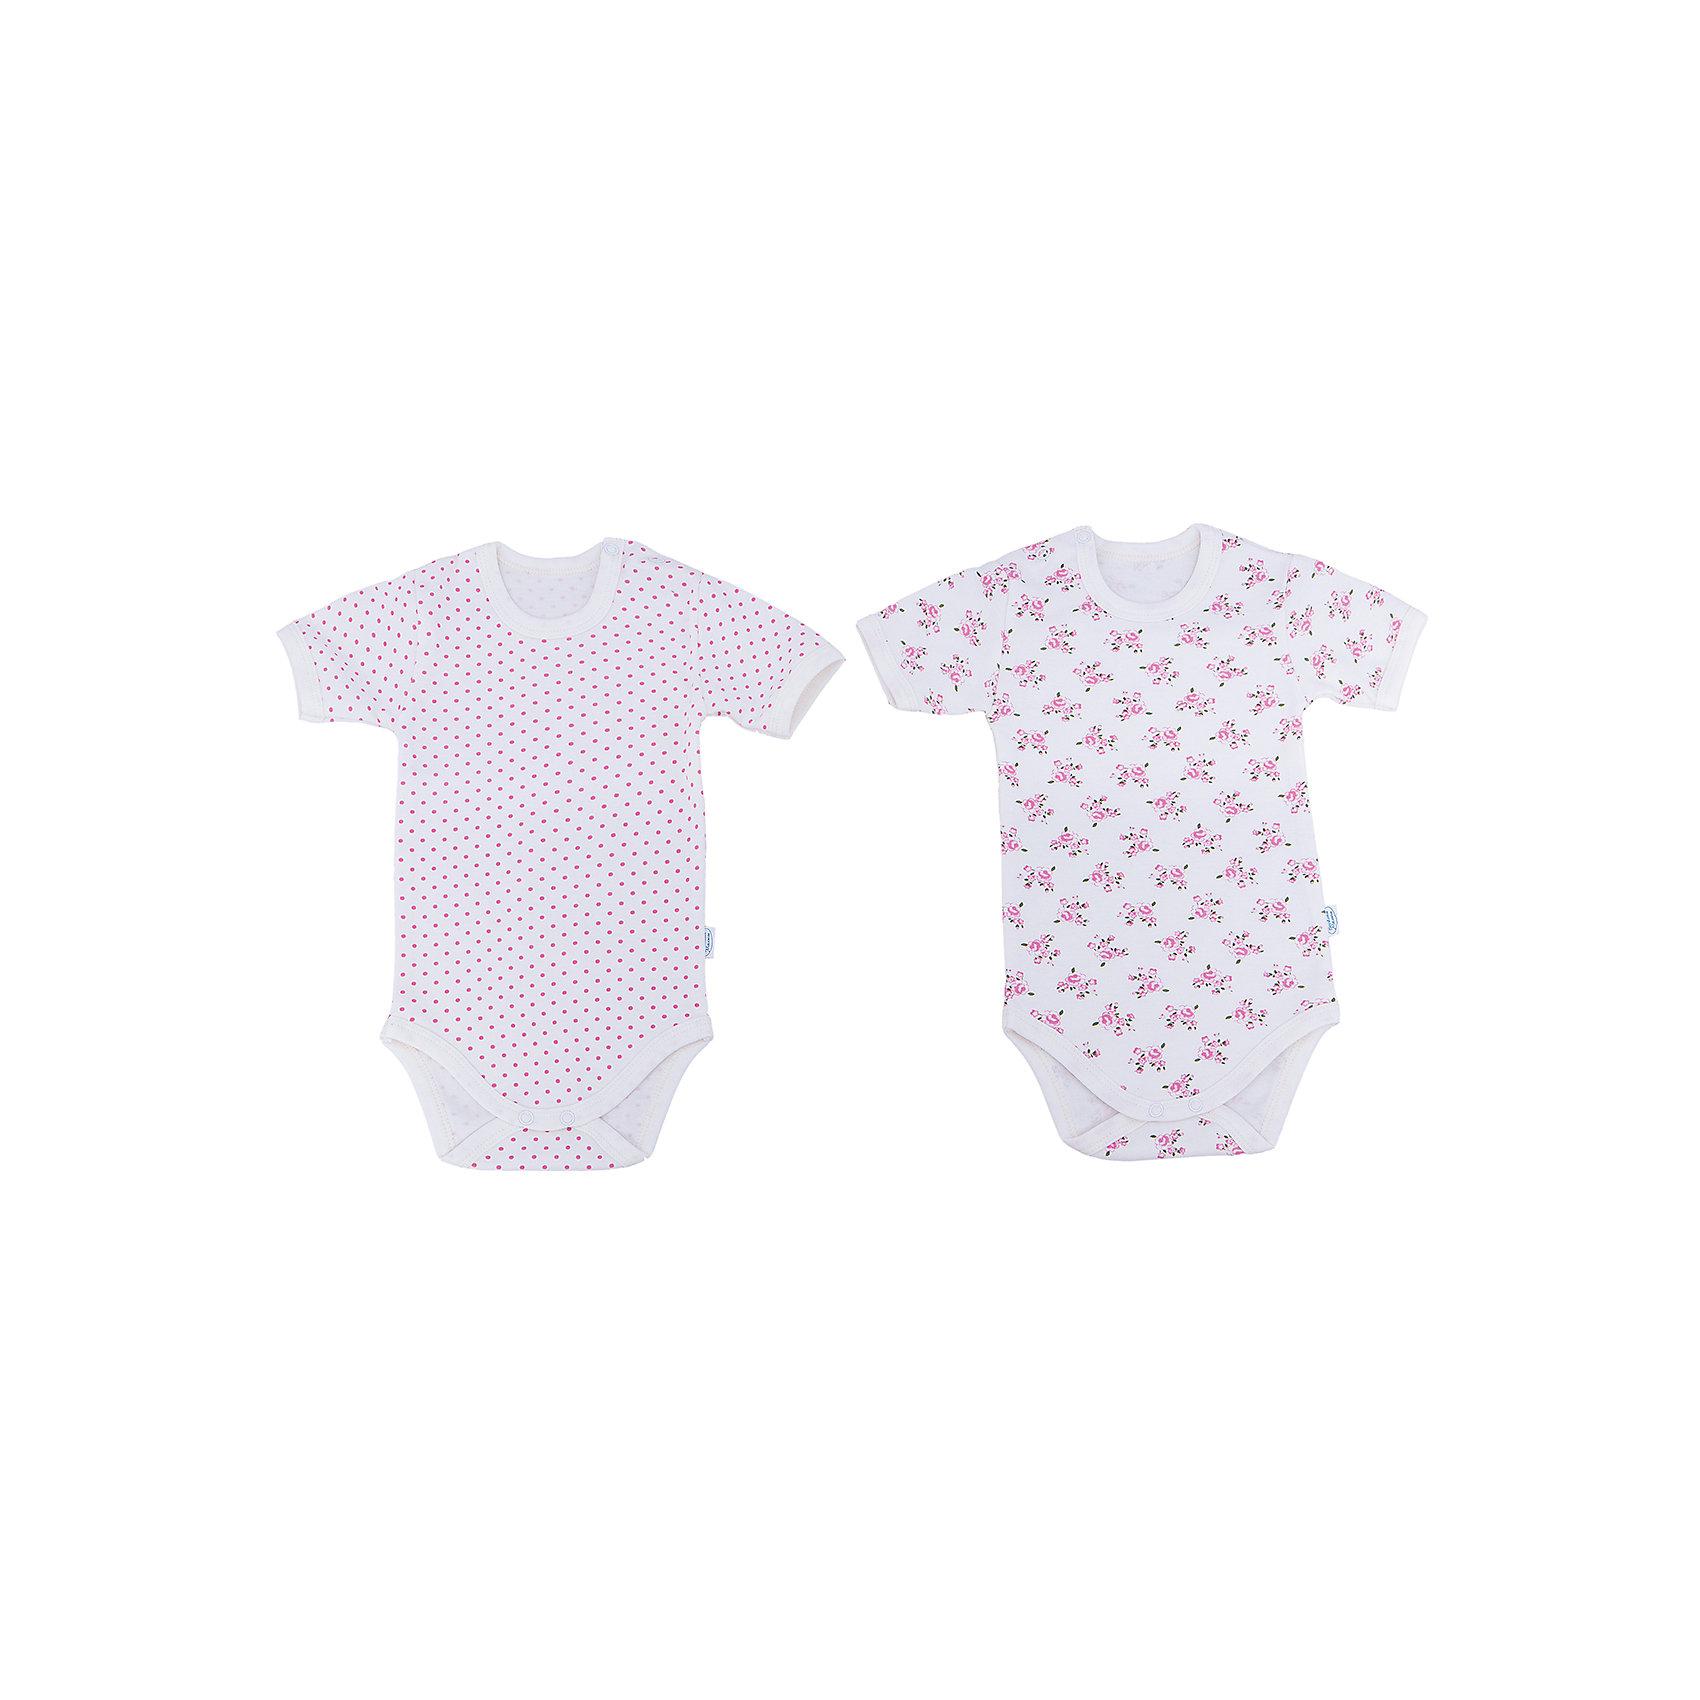 Боди для девочки, 2 шт. Веселый малышБоди<br>Одежда для малышей должна быть удобной и качественной - это один из необходимых факторов для правильного развития и хорошего самочувствия ребенка.<br>Эти боди отличаются высоким качеством швов, окантовкой краёв изделия, что позволяет им хорошо фиксироваться на теле малыша, не сползать и не натирать. Застежки - удобные кнопки, которые не мешают ребенку. Материал - интерлок. Это плотная ткань из натурального хлопка, гладкая, приятная на ощупь, дышащая и гипоаллергенная. Расцветка изделий позволяет легко комбинировать их с различной одеждой. В наборе - два боди разных цветов.<br><br>Дополнительная информация:<br><br>материал: 100% хлопок интерлок;<br>застежки: кнопки;<br>короткий рукав;<br>комплектация: 2 боди.<br><br>Комплект боди от бренда Веселый малыш можно купить в нашем магазине.<br><br>Ширина мм: 157<br>Глубина мм: 13<br>Высота мм: 119<br>Вес г: 200<br>Цвет: бежевый<br>Возраст от месяцев: 2<br>Возраст до месяцев: 5<br>Пол: Женский<br>Возраст: Детский<br>Размер: 62,68,80,74<br>SKU: 4810188